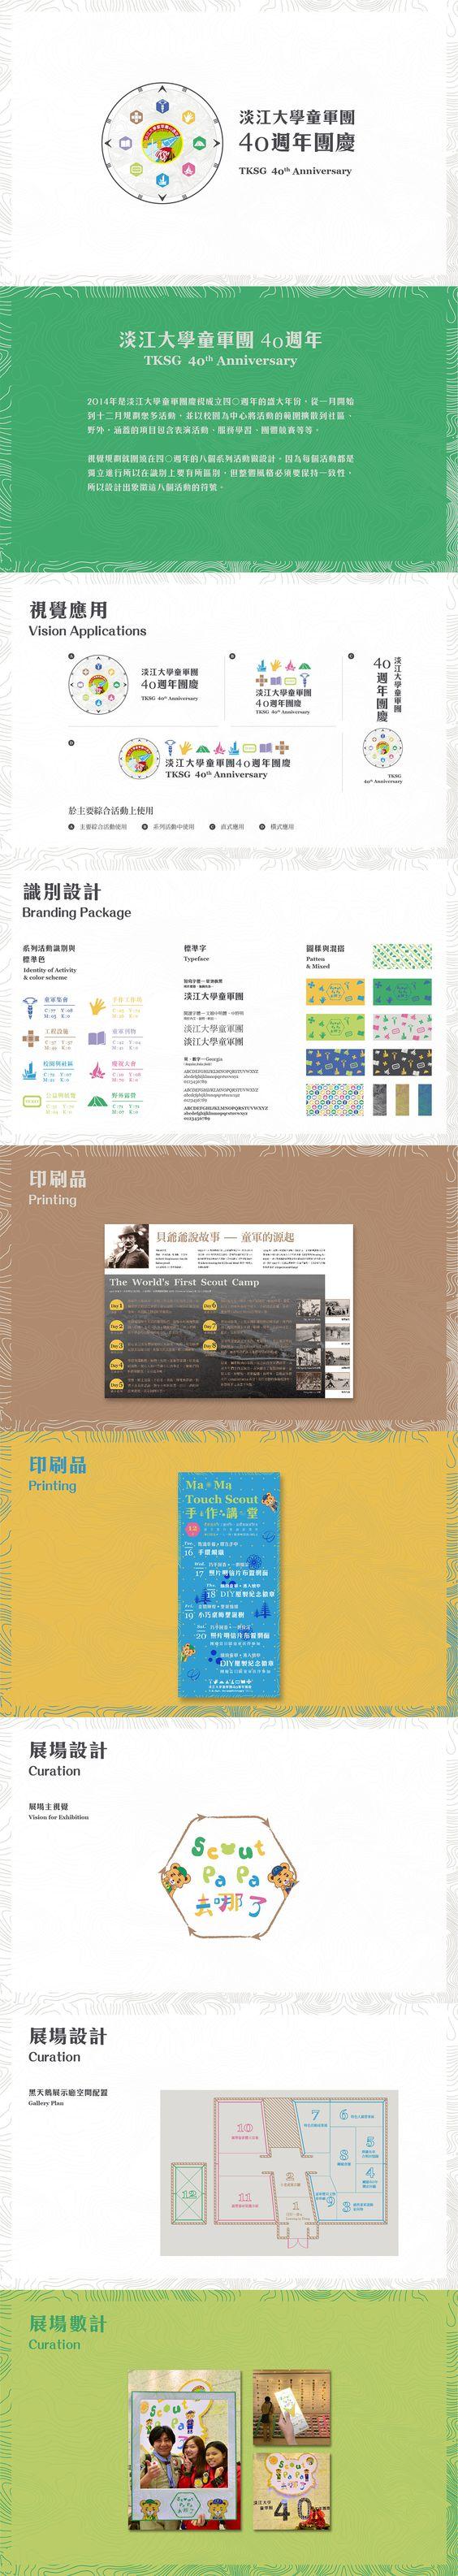 淡江大學40週年團慶 視覺規劃